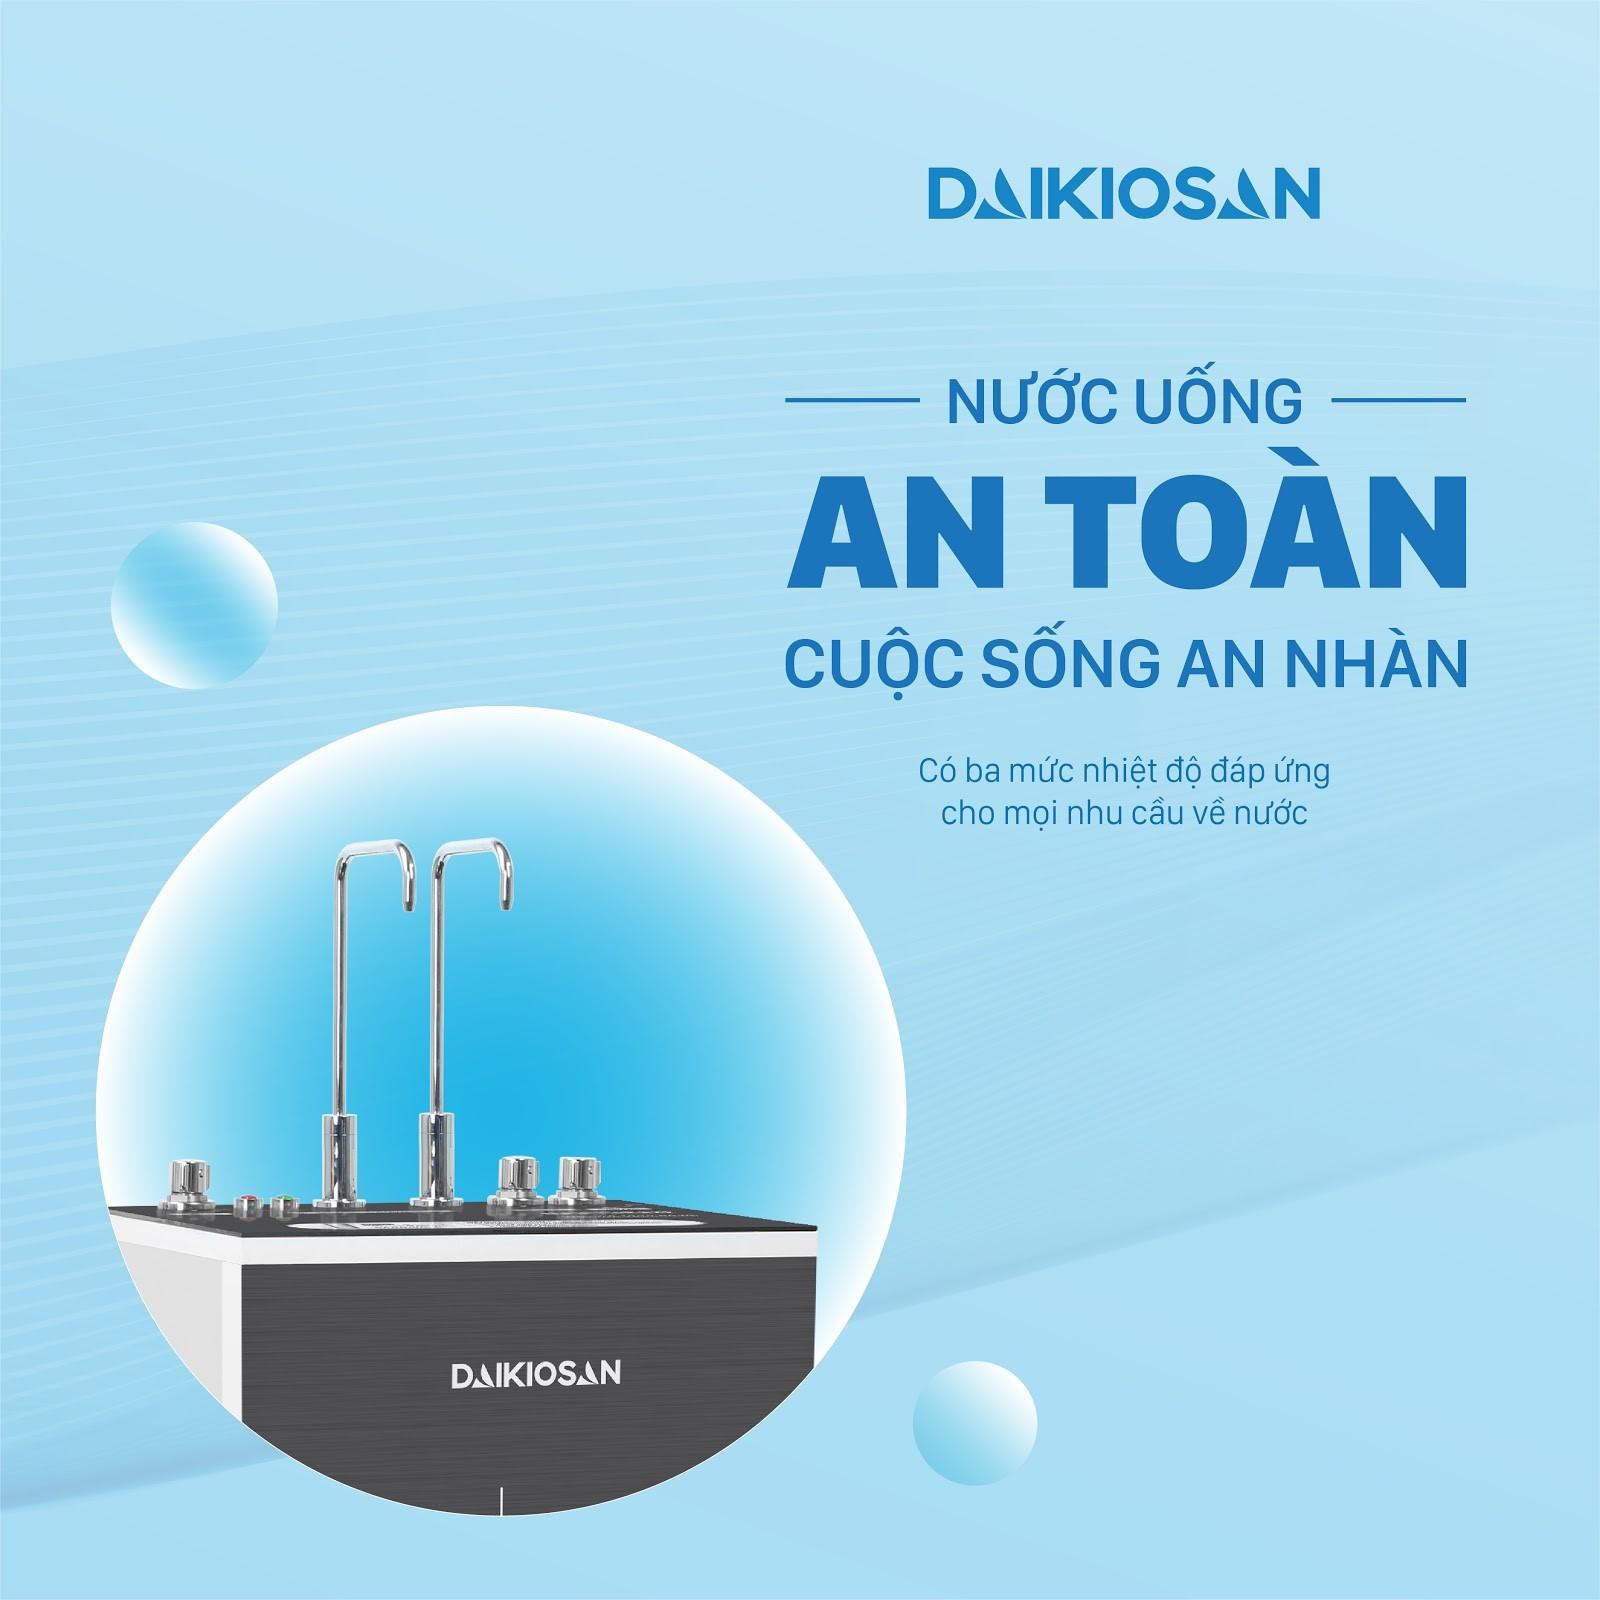 Máy lọc nước RO đem đến nguồn nước tinh khiết uống trực tiếp tại vòi